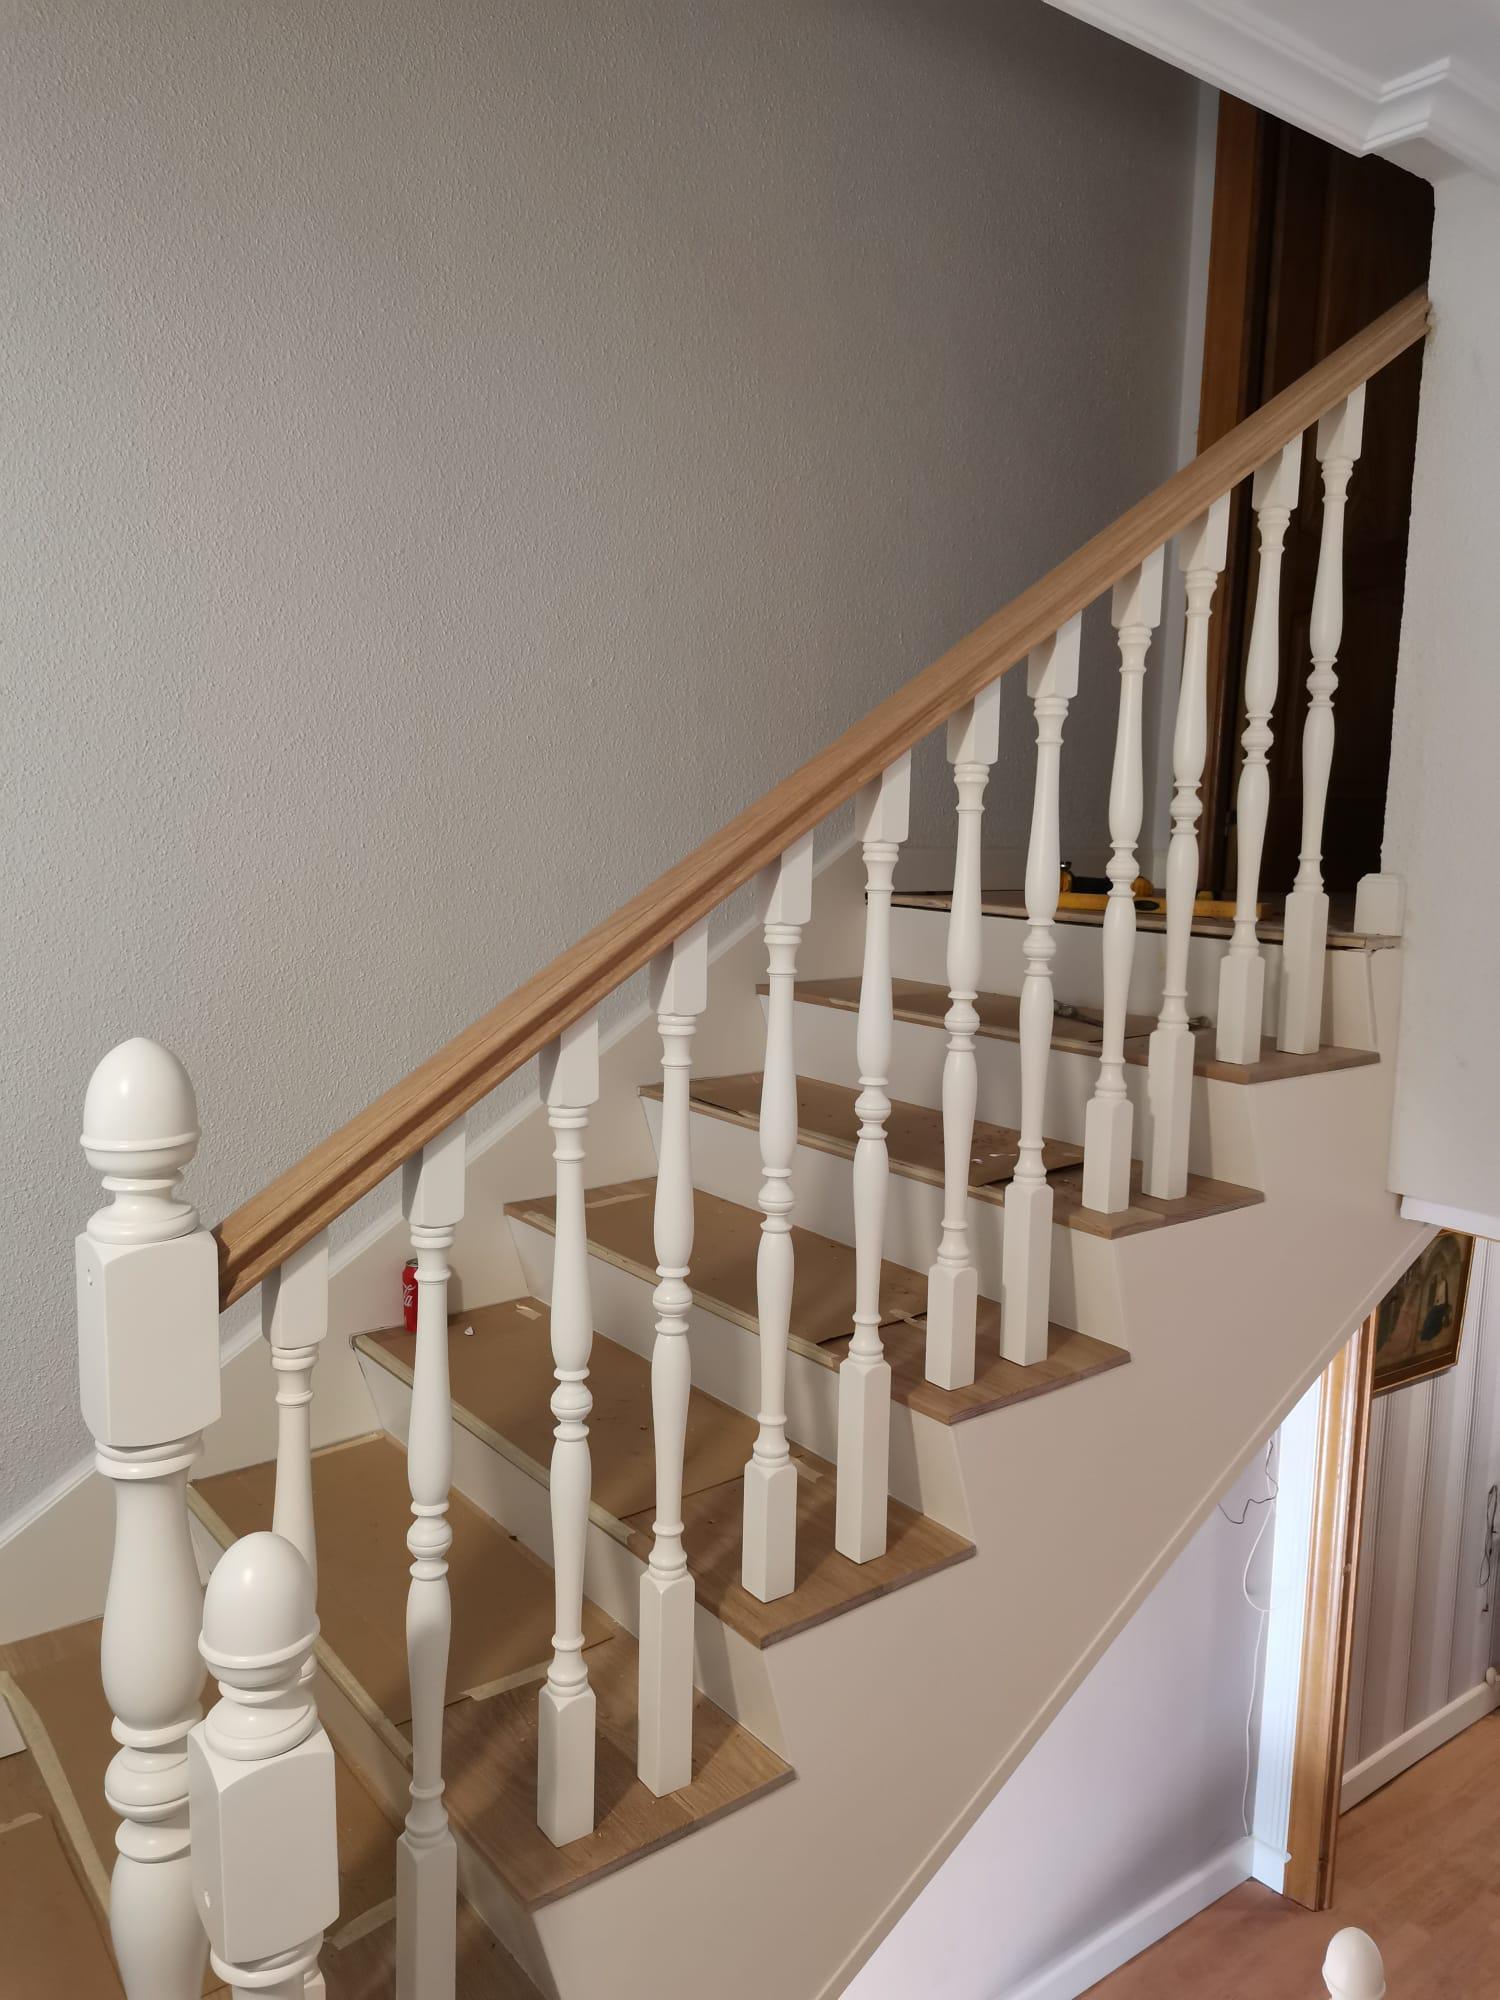 Artybel-forrado-lateral-escalera-panel-mdf-lacado-blanco.